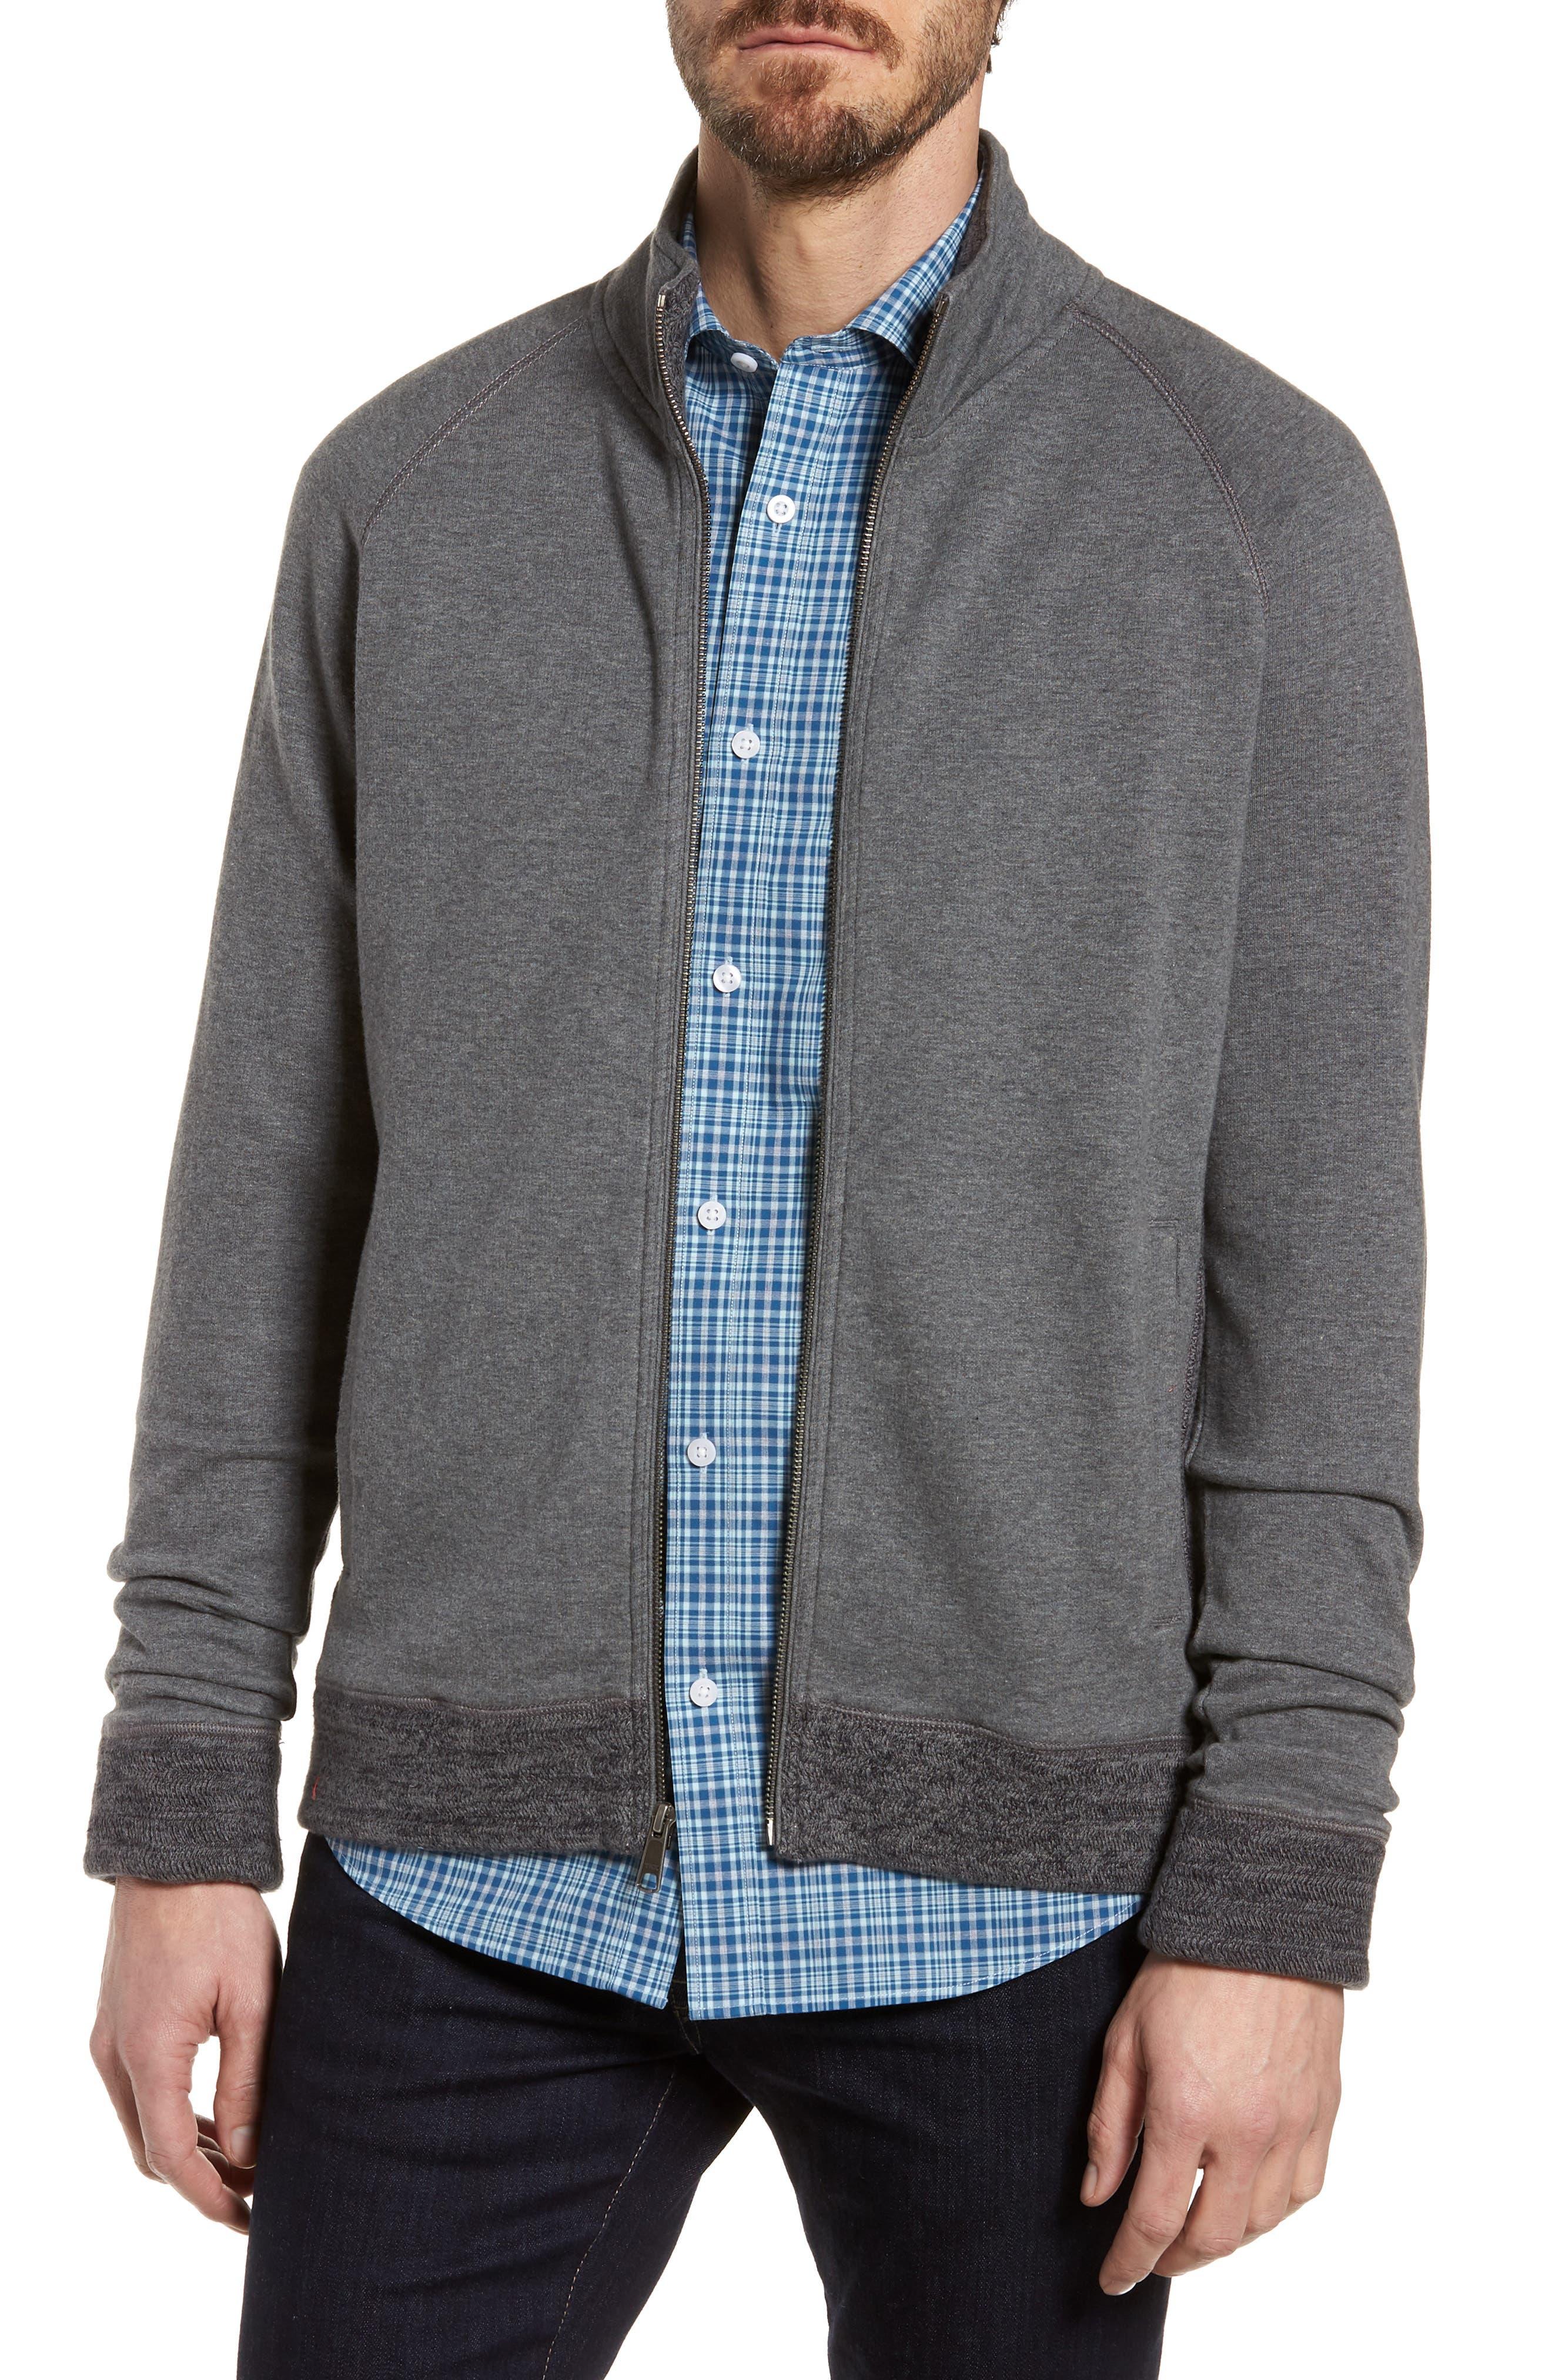 Nordstrom Men's Shop Full Zip Fleece Jacket